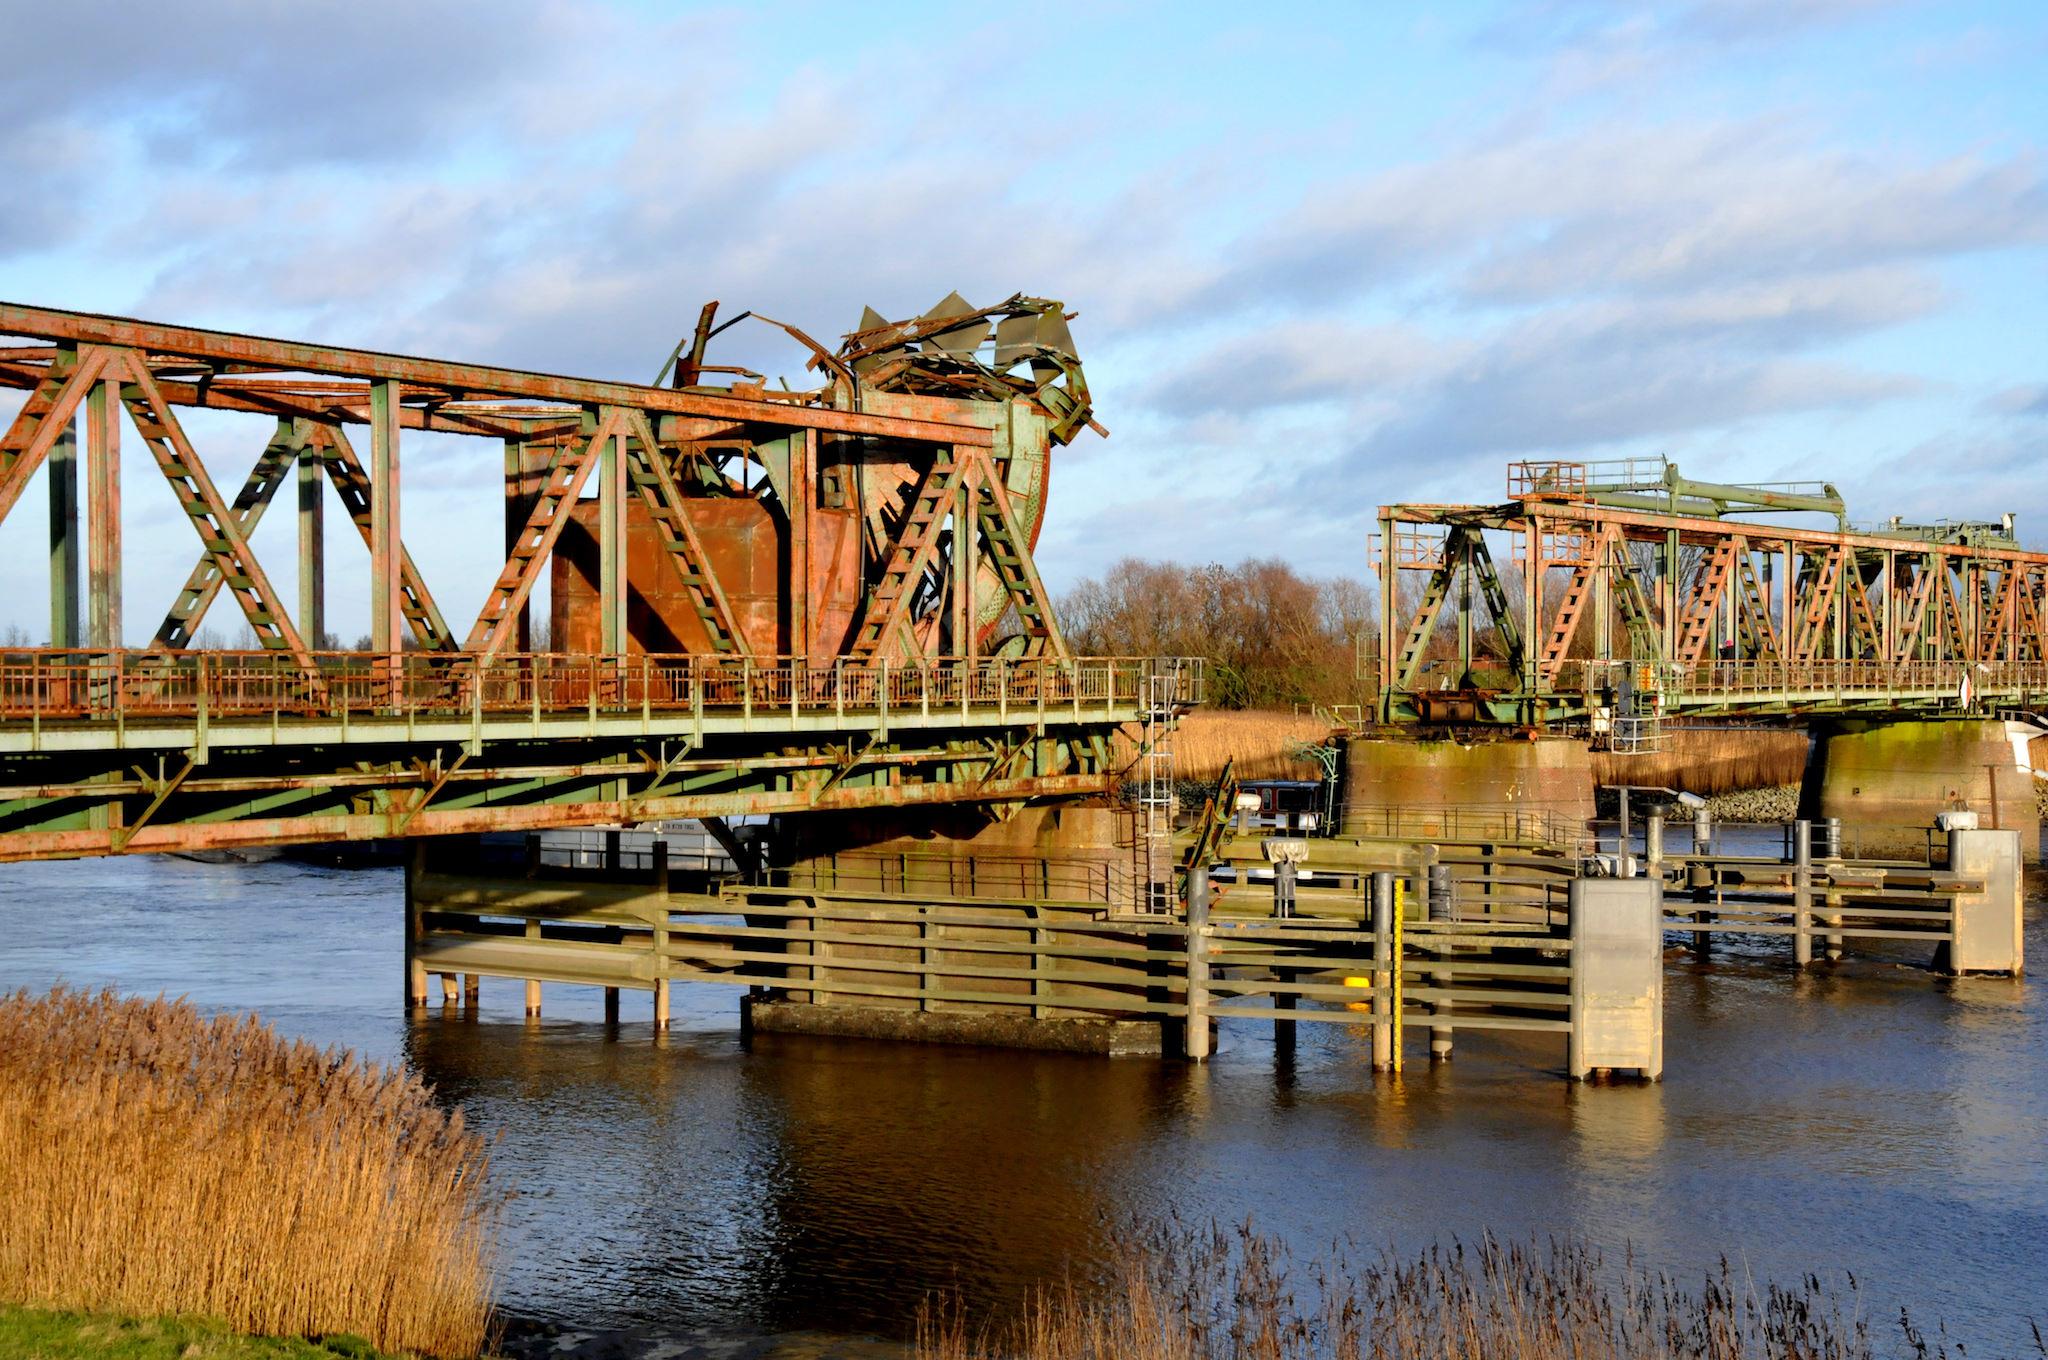 Groningen, Anfahrt mit der Bahn, Friesenbrücke kaputt